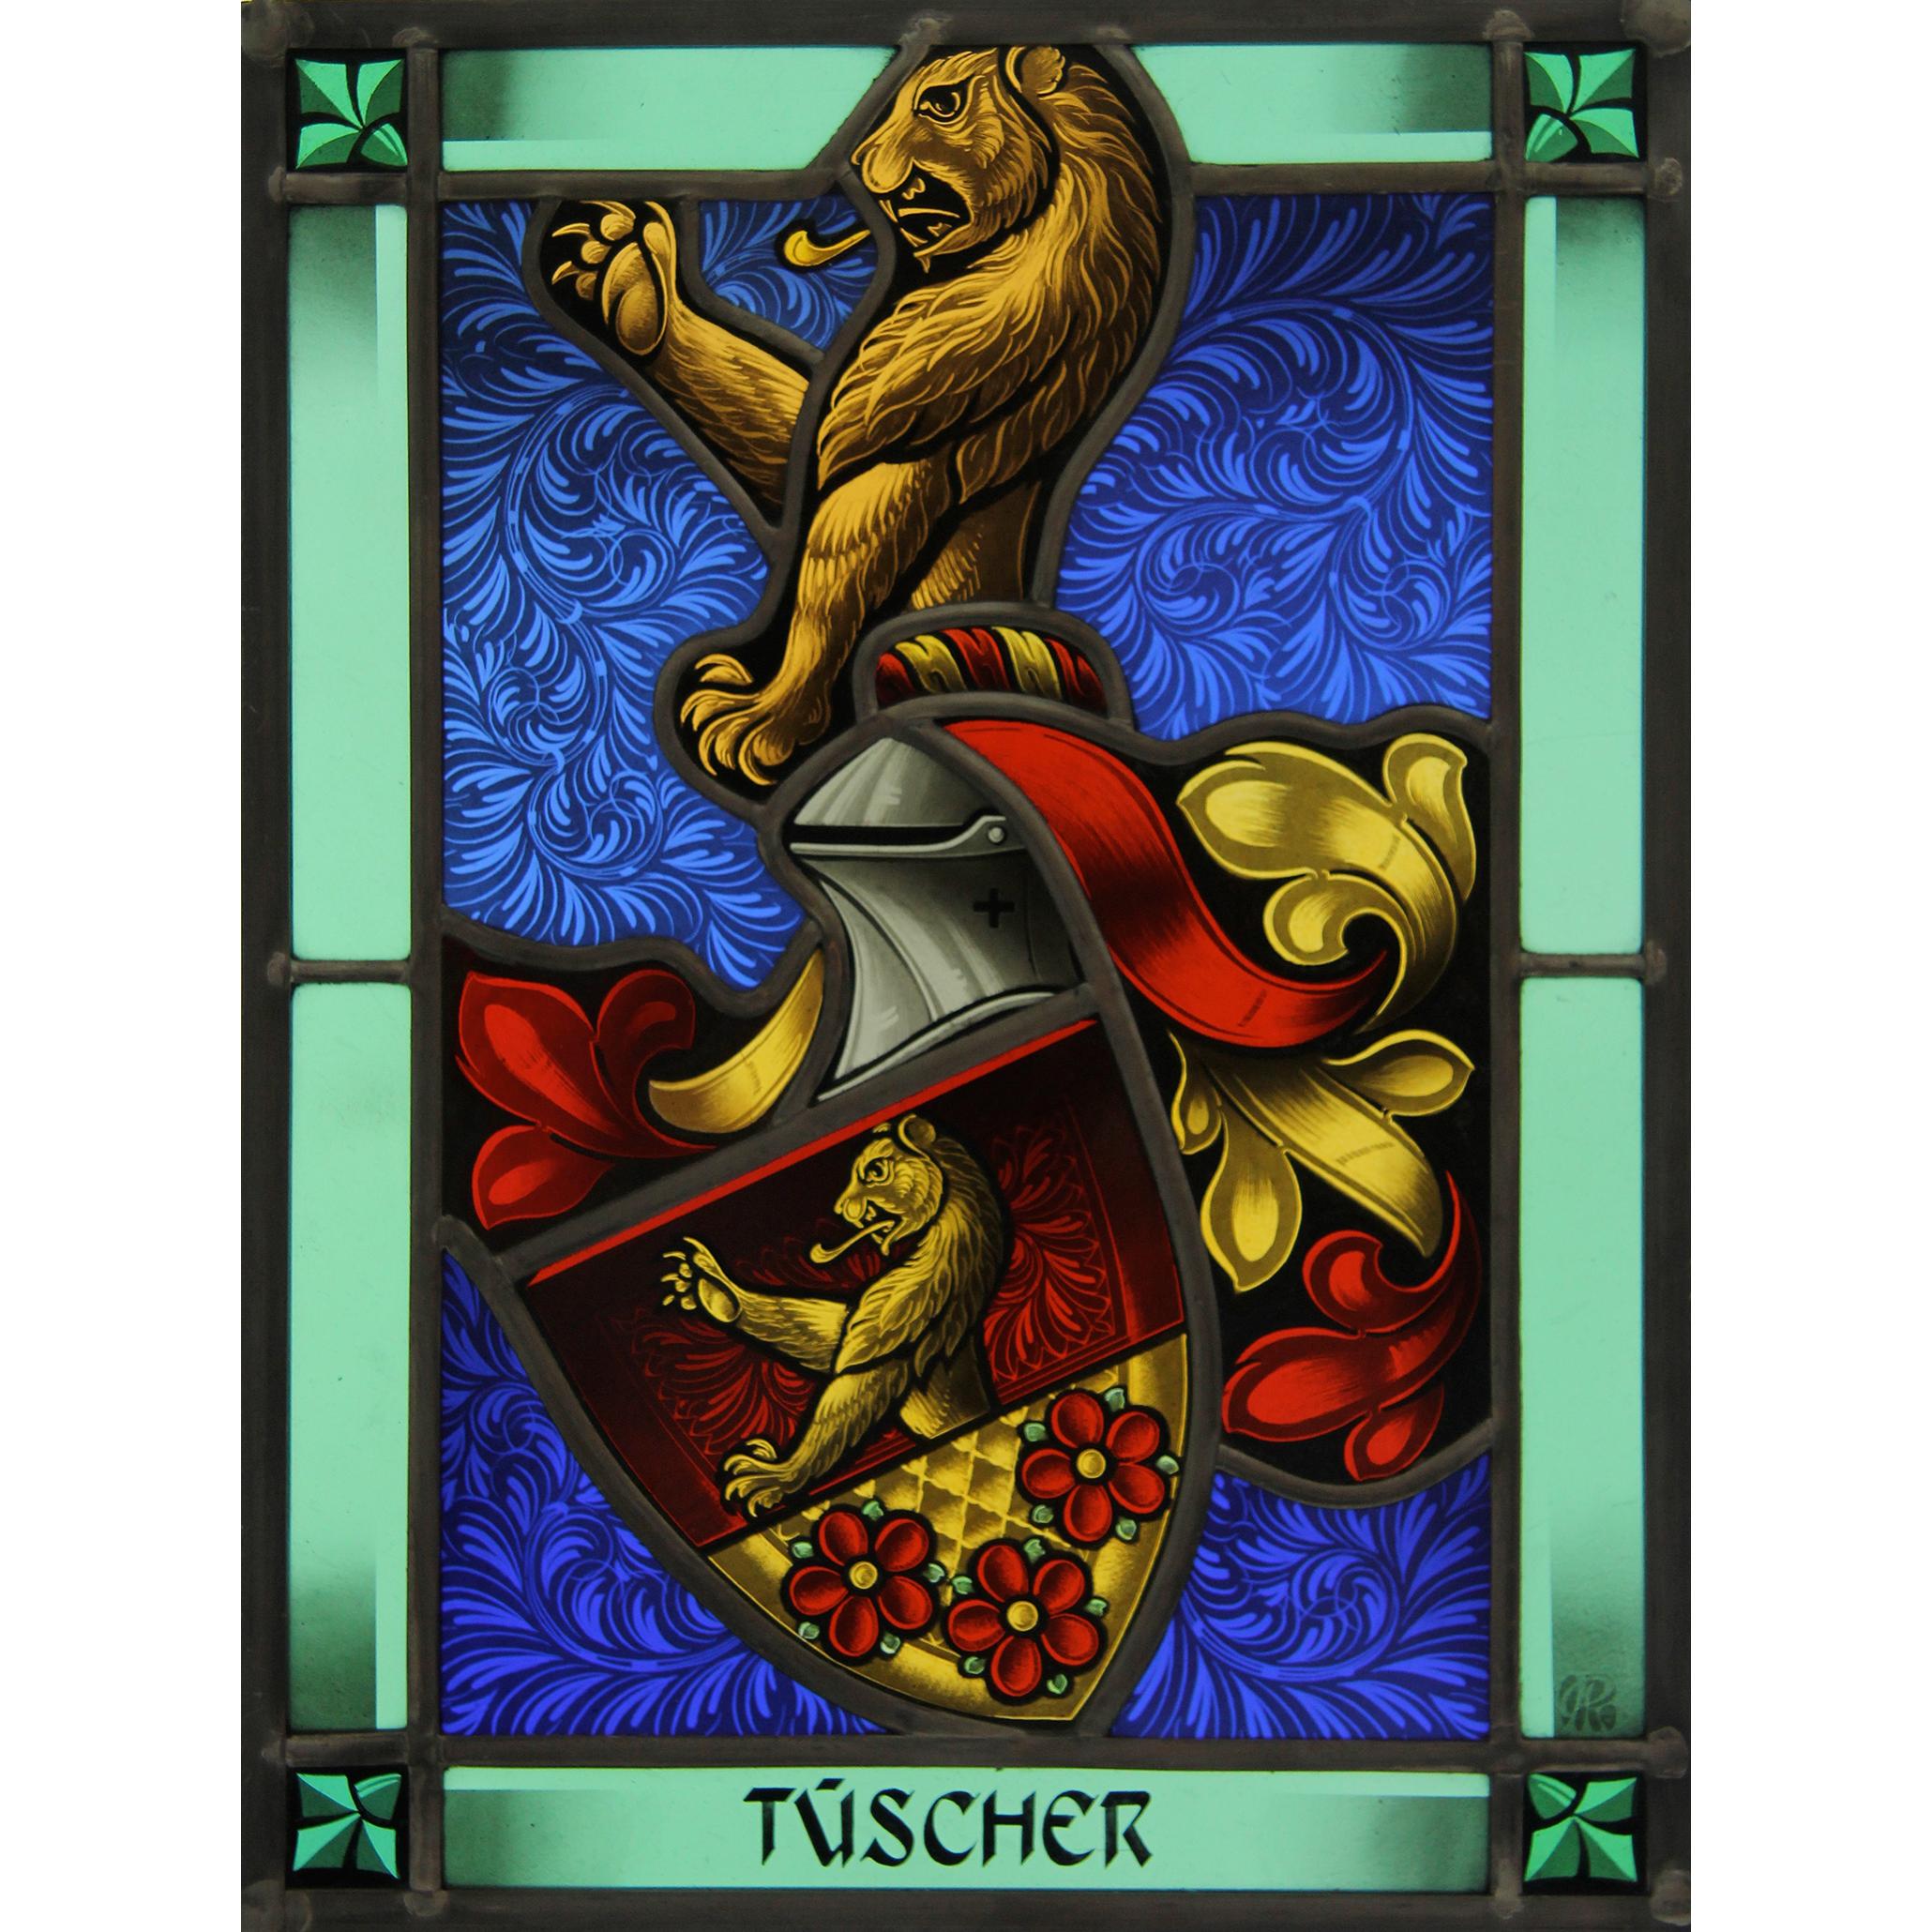 Familienwappen Tüscher radiert -Glasmalerei-Bleiverglasung-Wappenscheibe